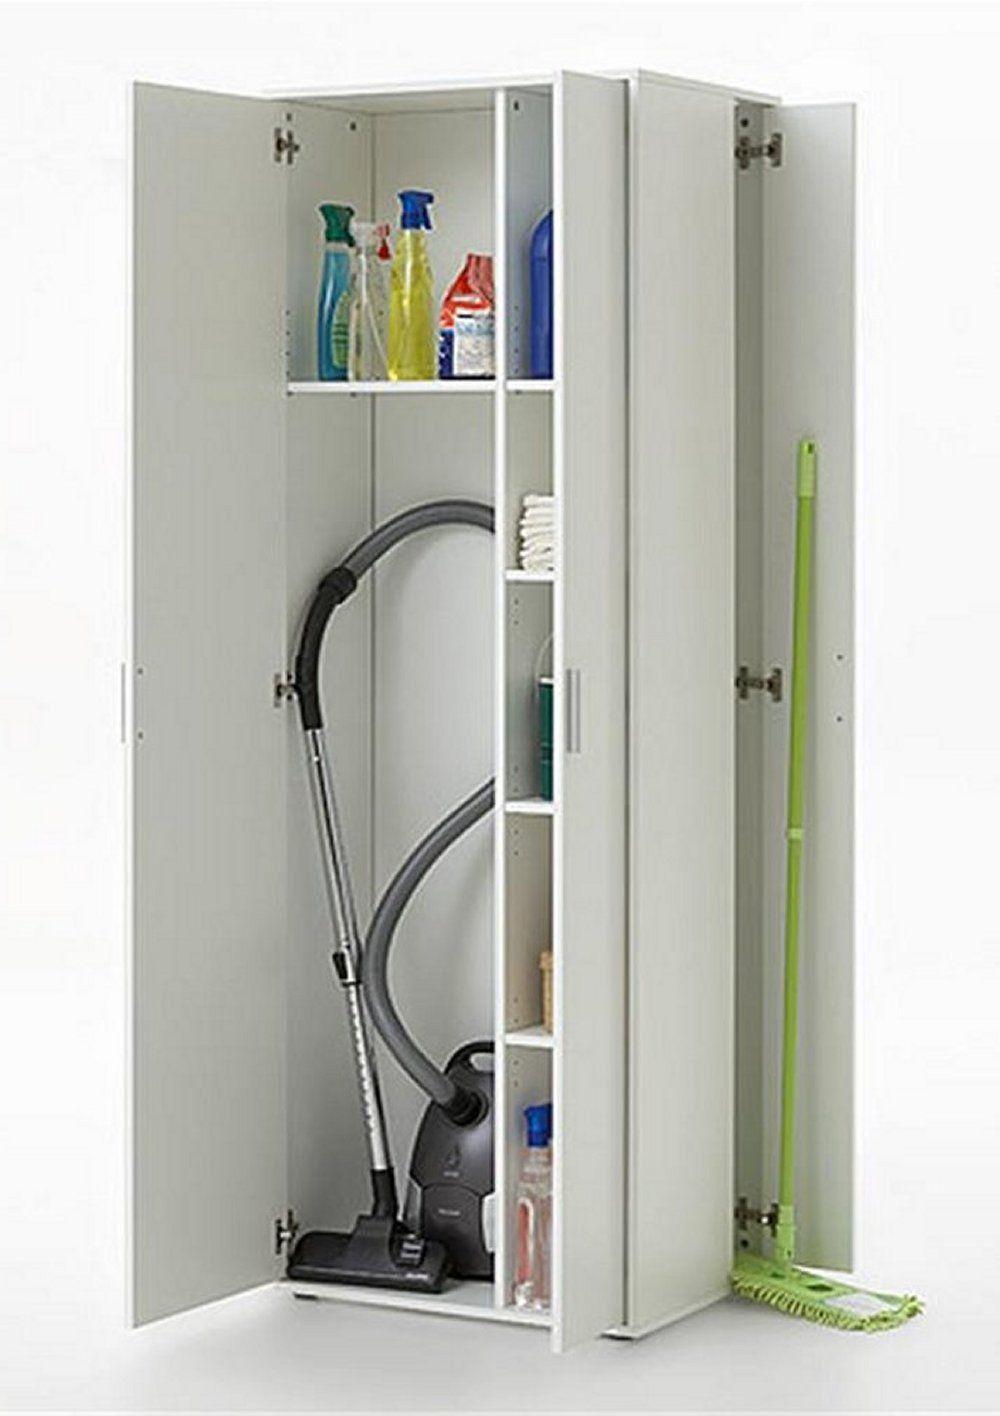 amazon ikea küchenmöbel   ikea hack bilderleiste mosslanda bzw ribba